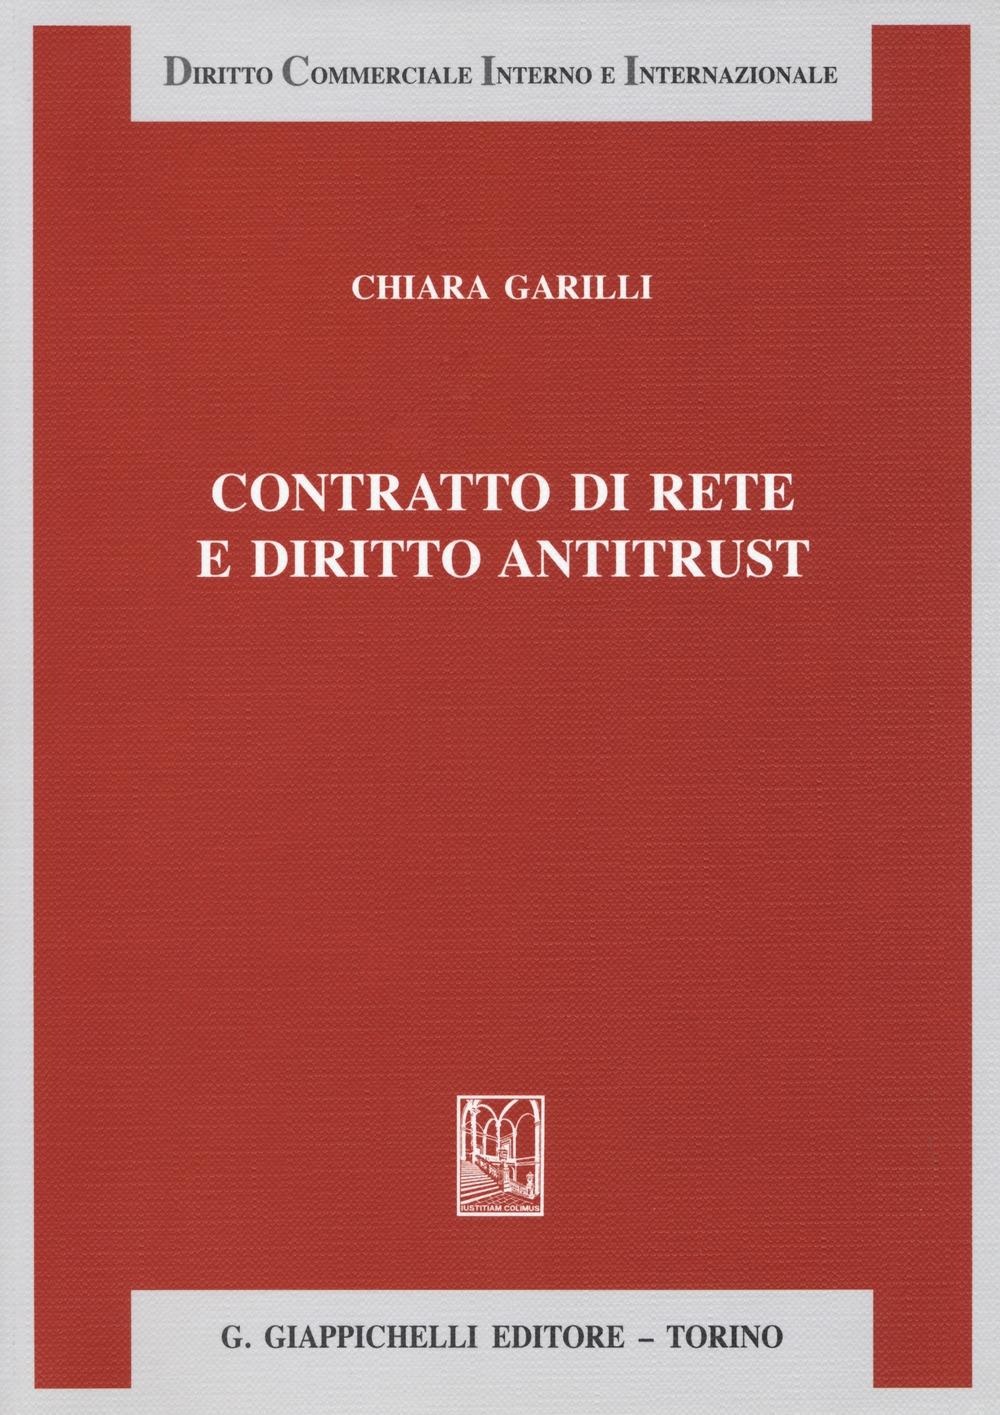 Contratto di rete e diritto antitrust